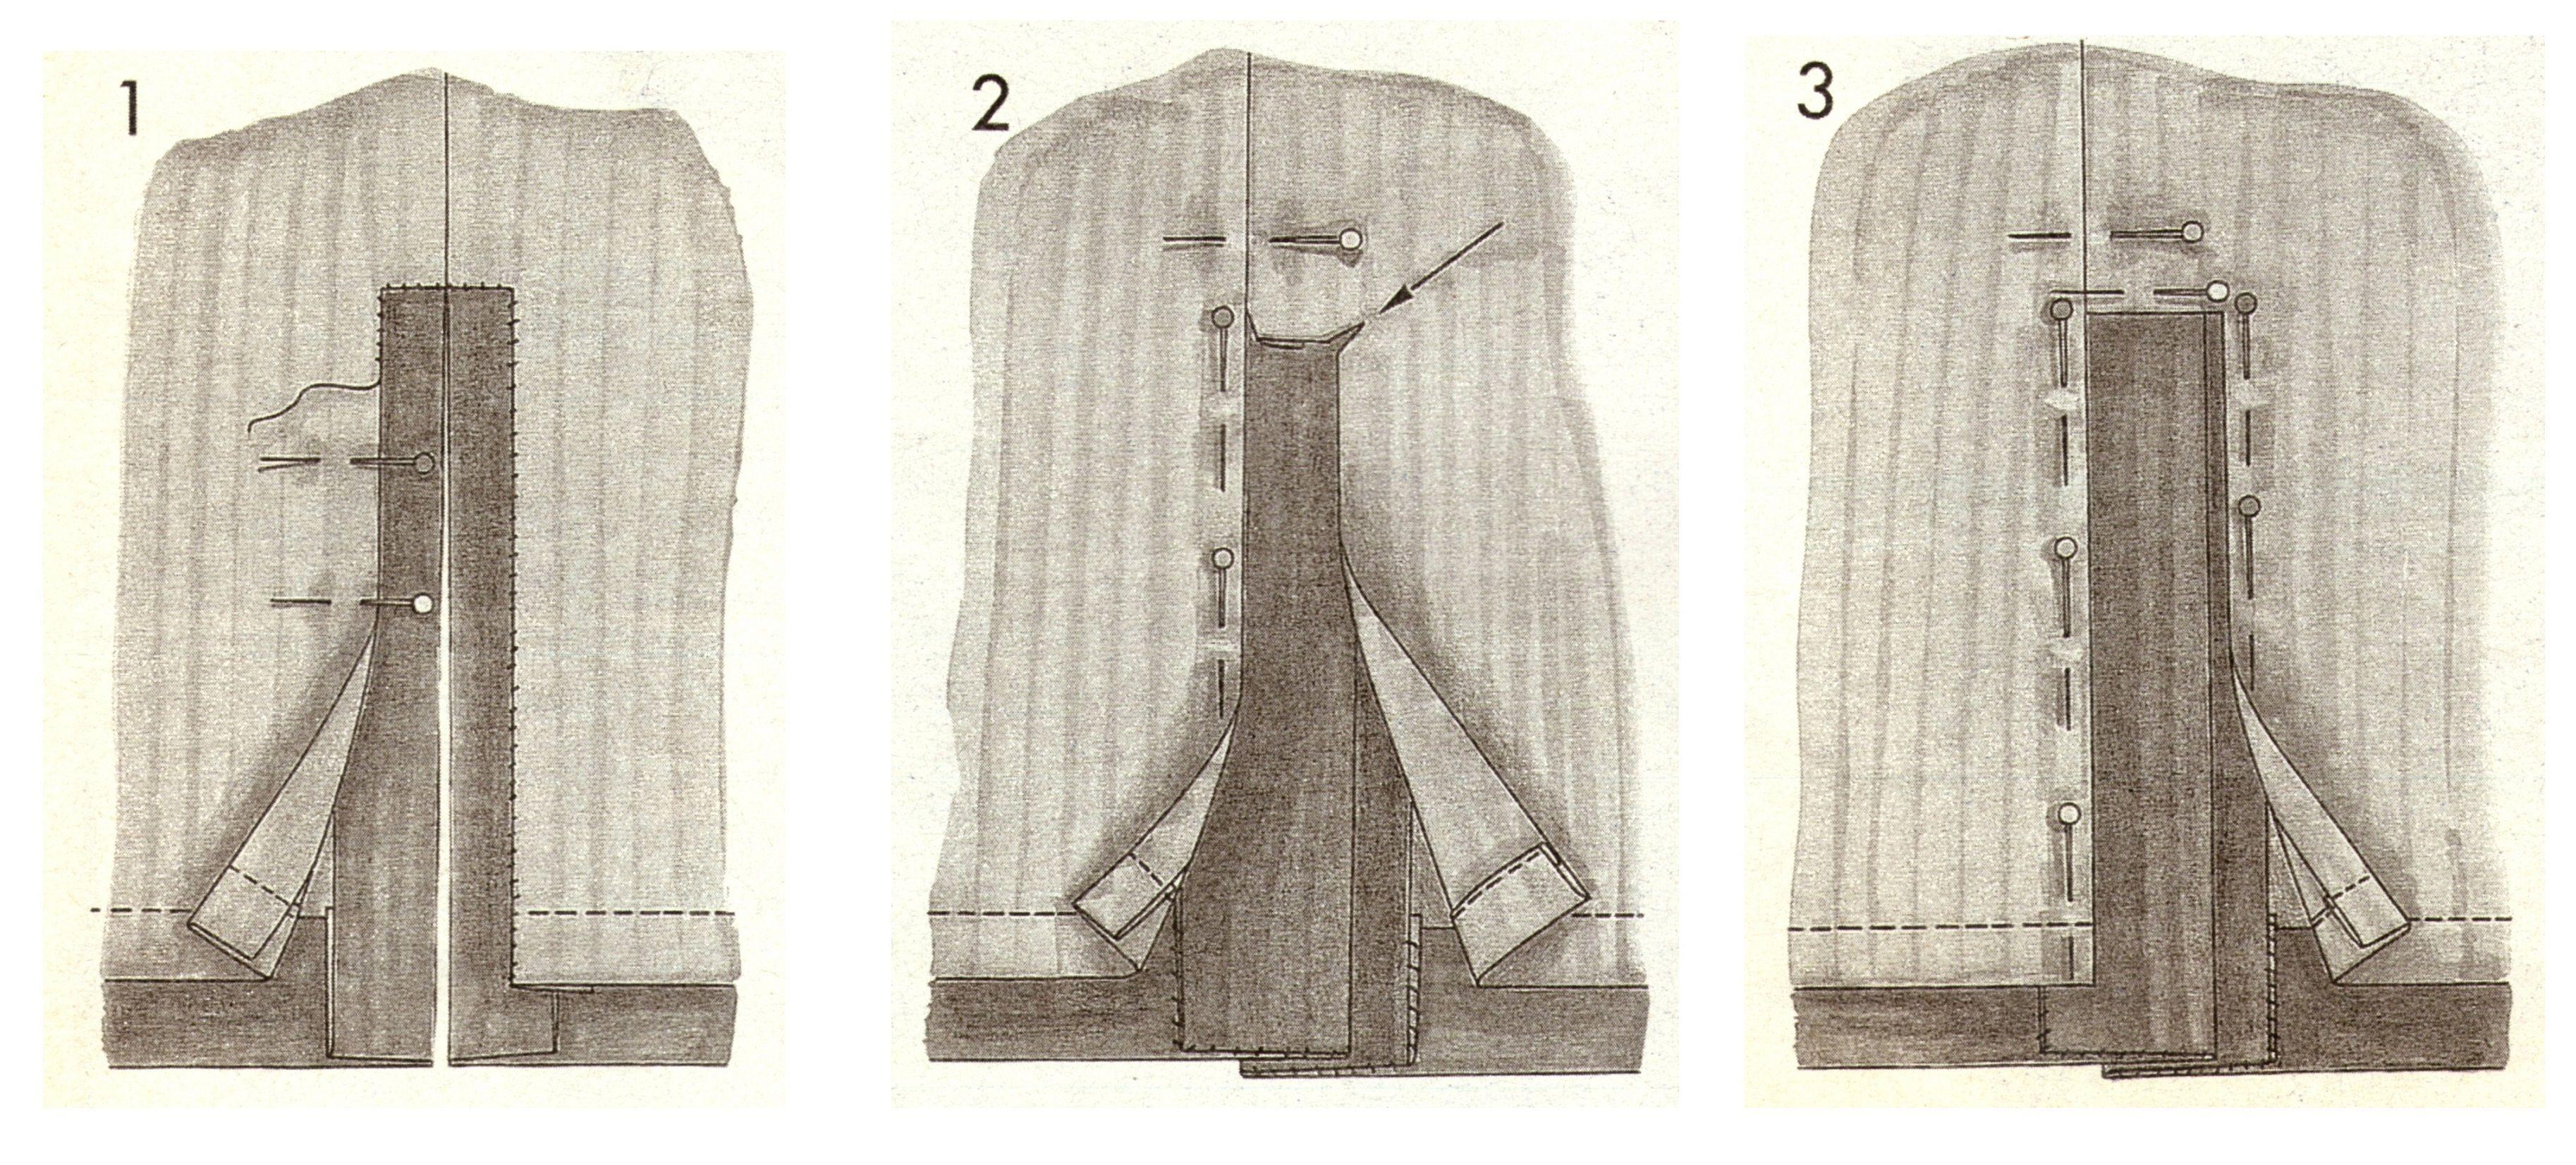 Обработка шлицы на юбке 3